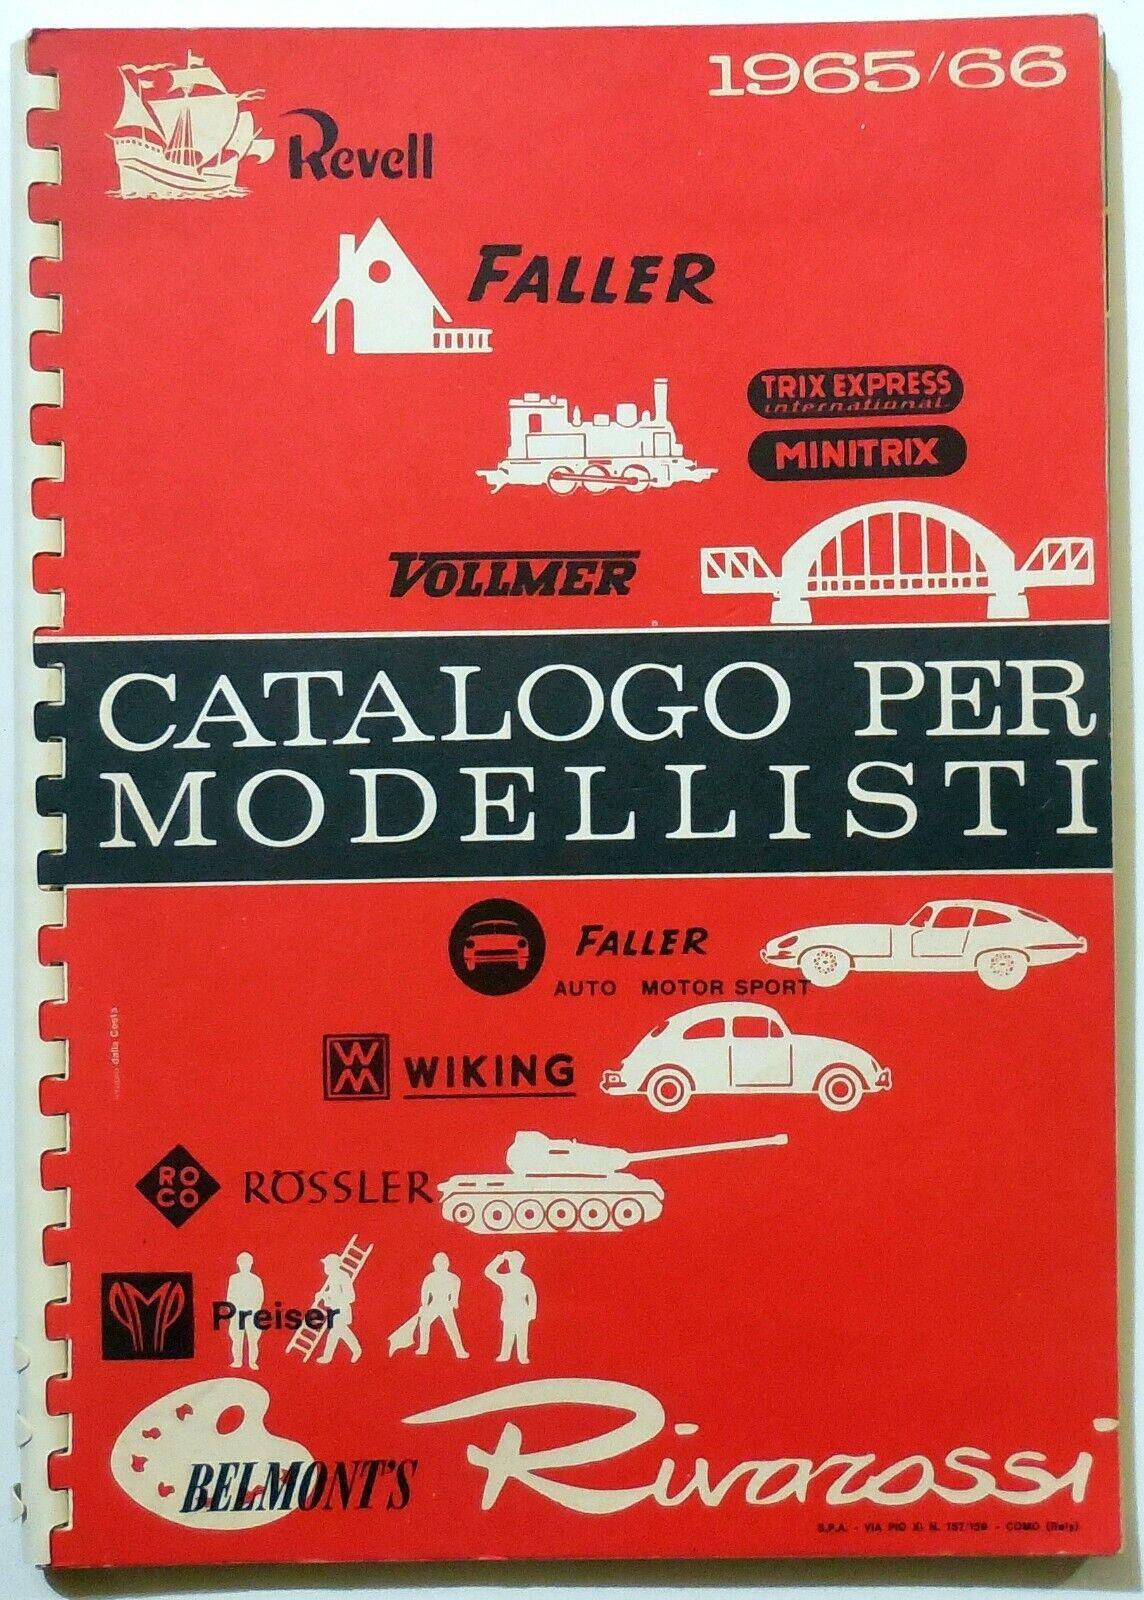 CATALOGO PER MODELLISTI RIVAROSSI FALLER PREISER 1965 66 modellismo ferroviario